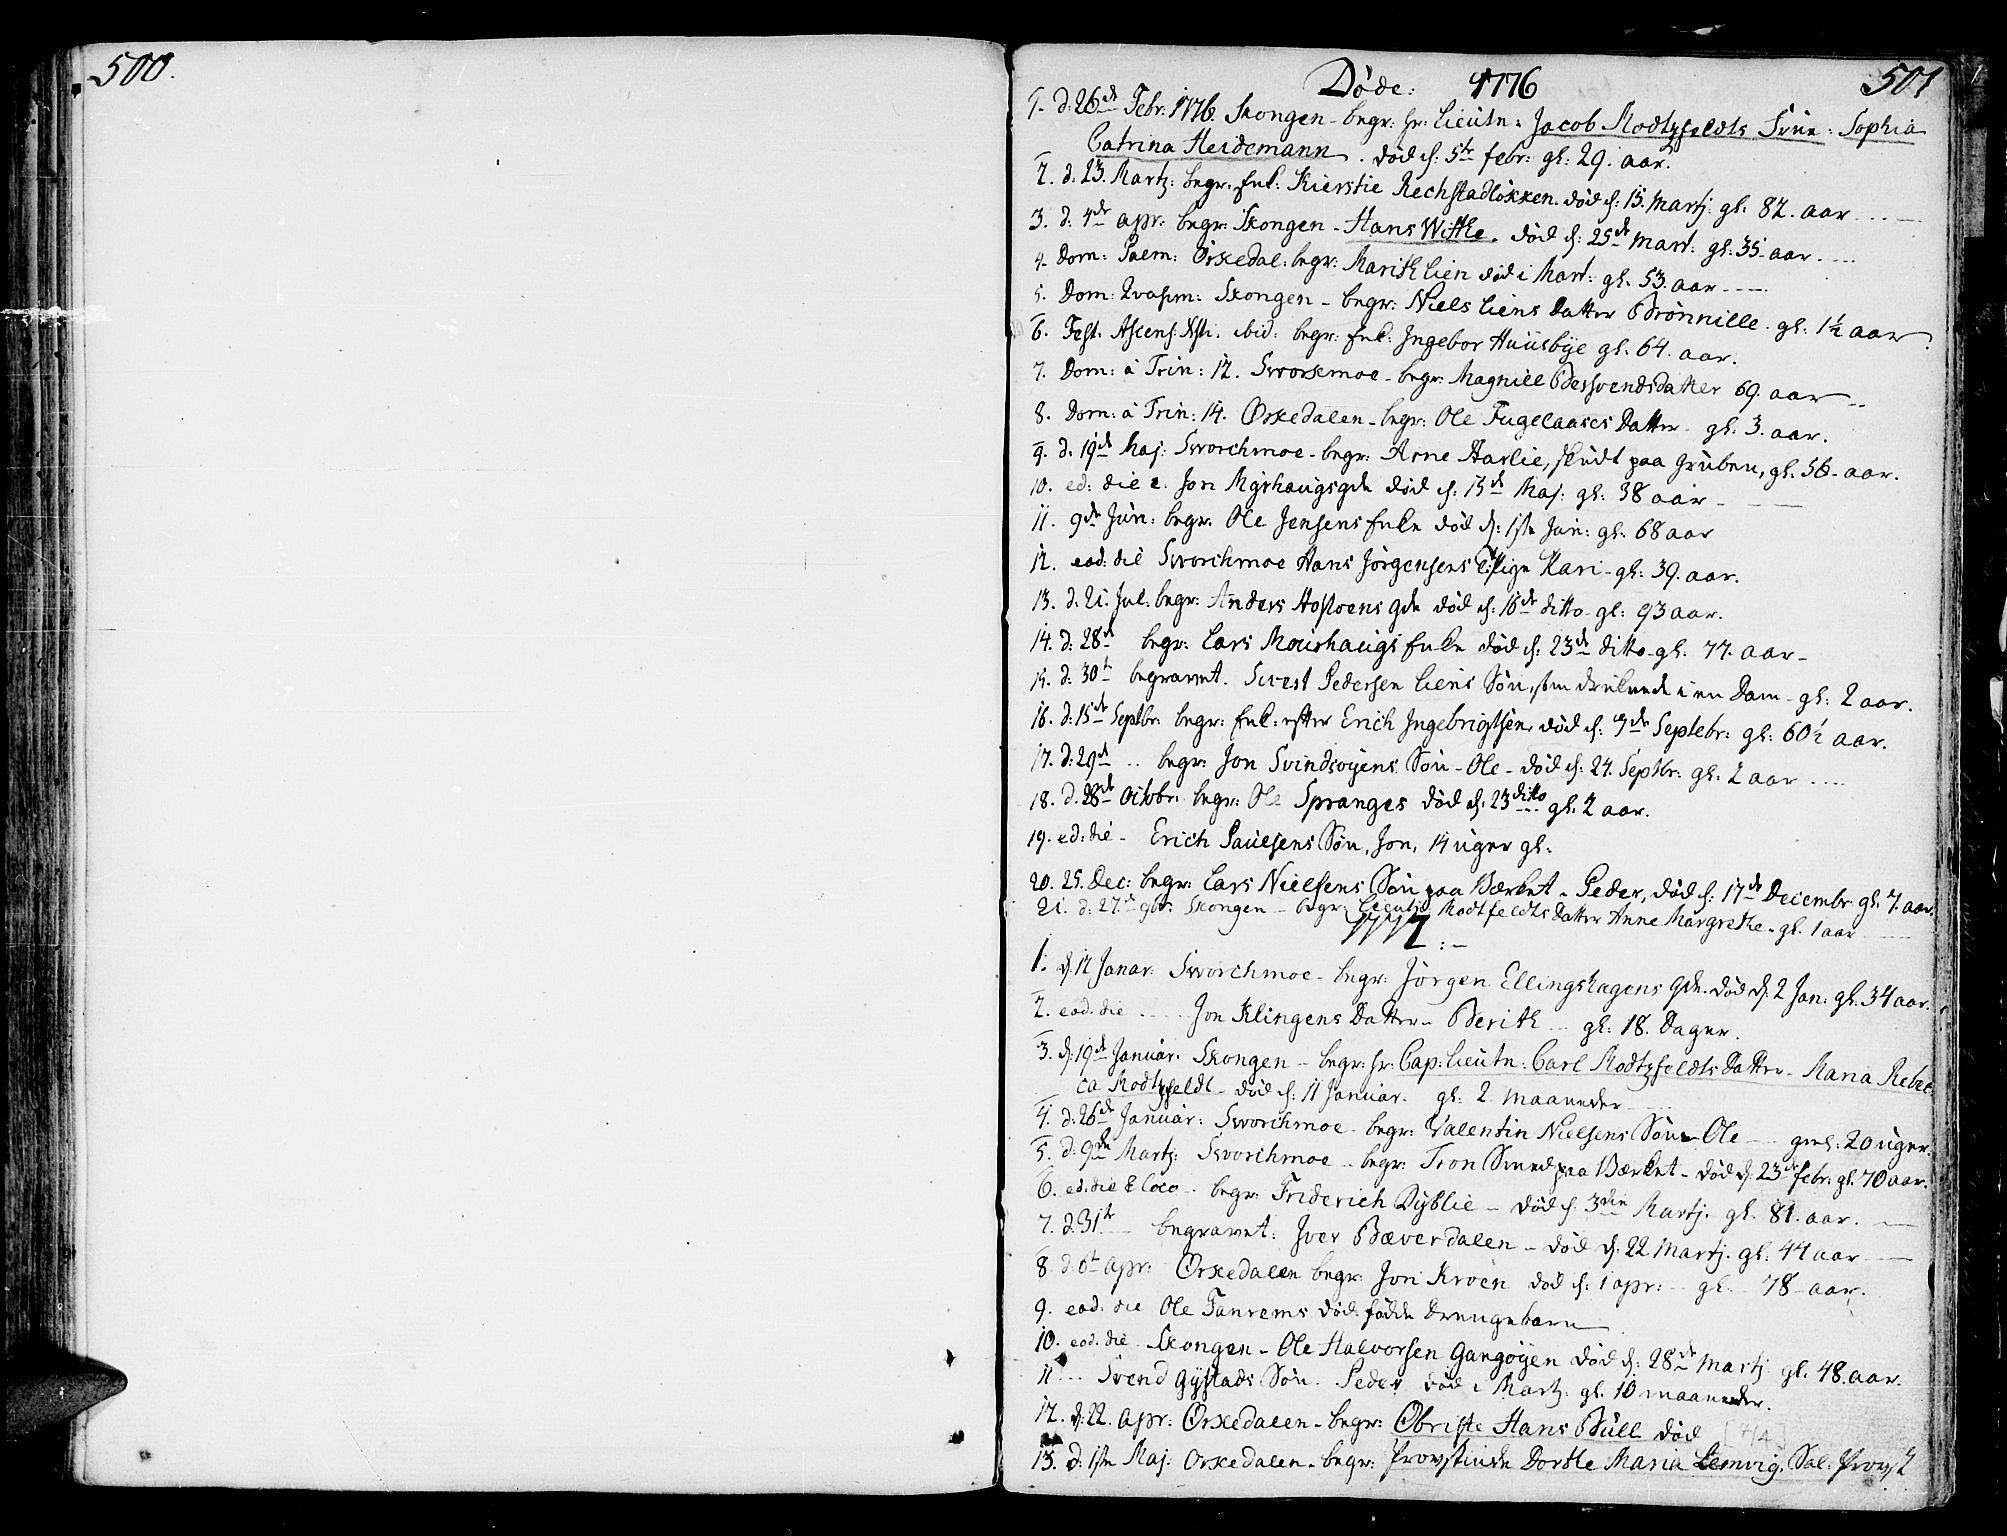 SAT, Ministerialprotokoller, klokkerbøker og fødselsregistre - Sør-Trøndelag, 668/L0802: Ministerialbok nr. 668A02, 1776-1799, s. 500-501